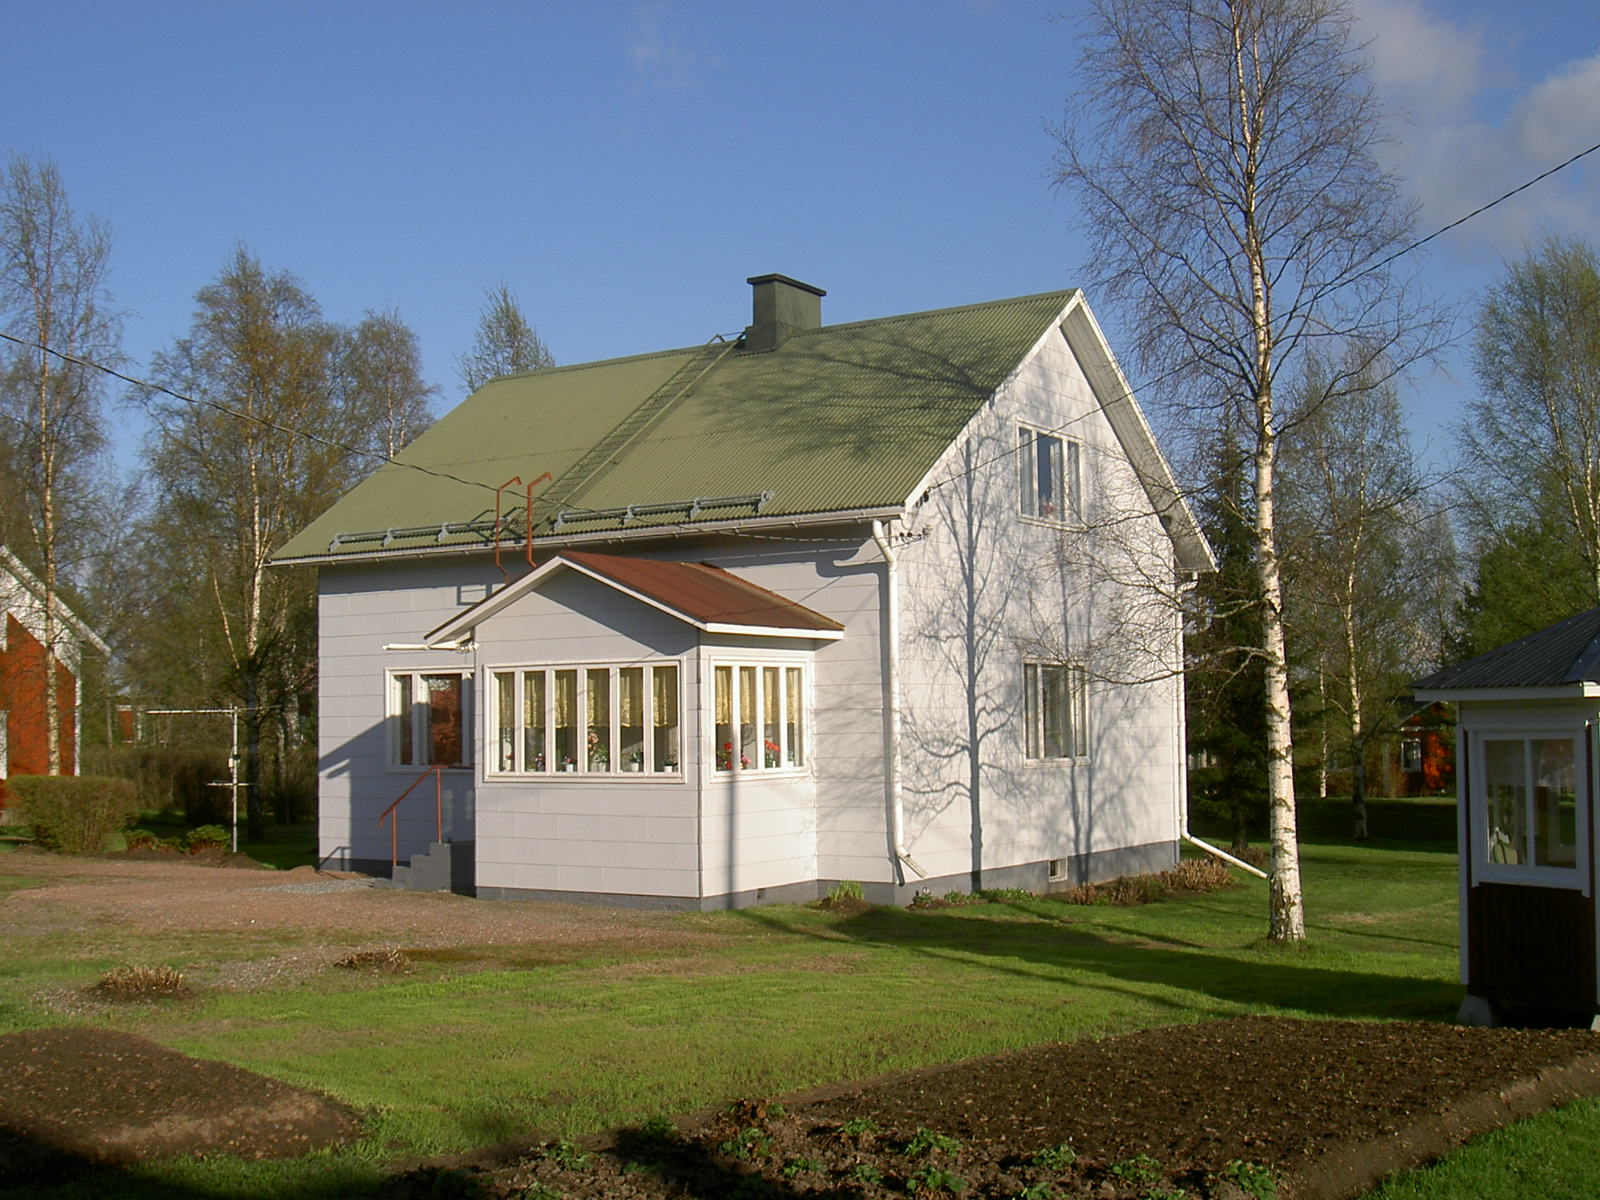 År 1959 byggde arbetaren och byggaren Karl Korsbäck denna gård på Dagsmarkvägen 382. Fotograferad från väster år 2003.